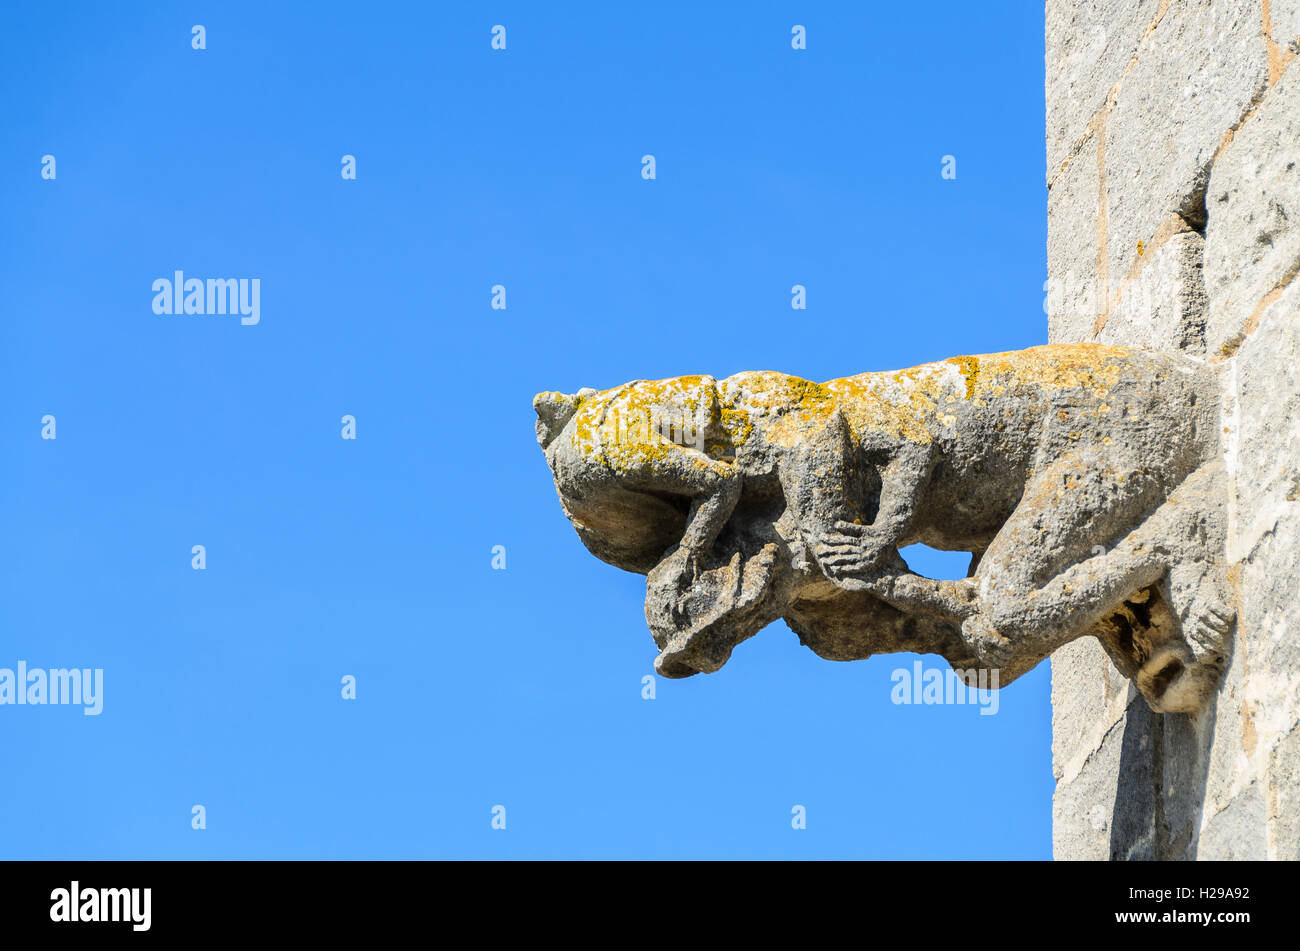 gargouille, Aigues Mortes, remparts, Gard, France Stock Photo